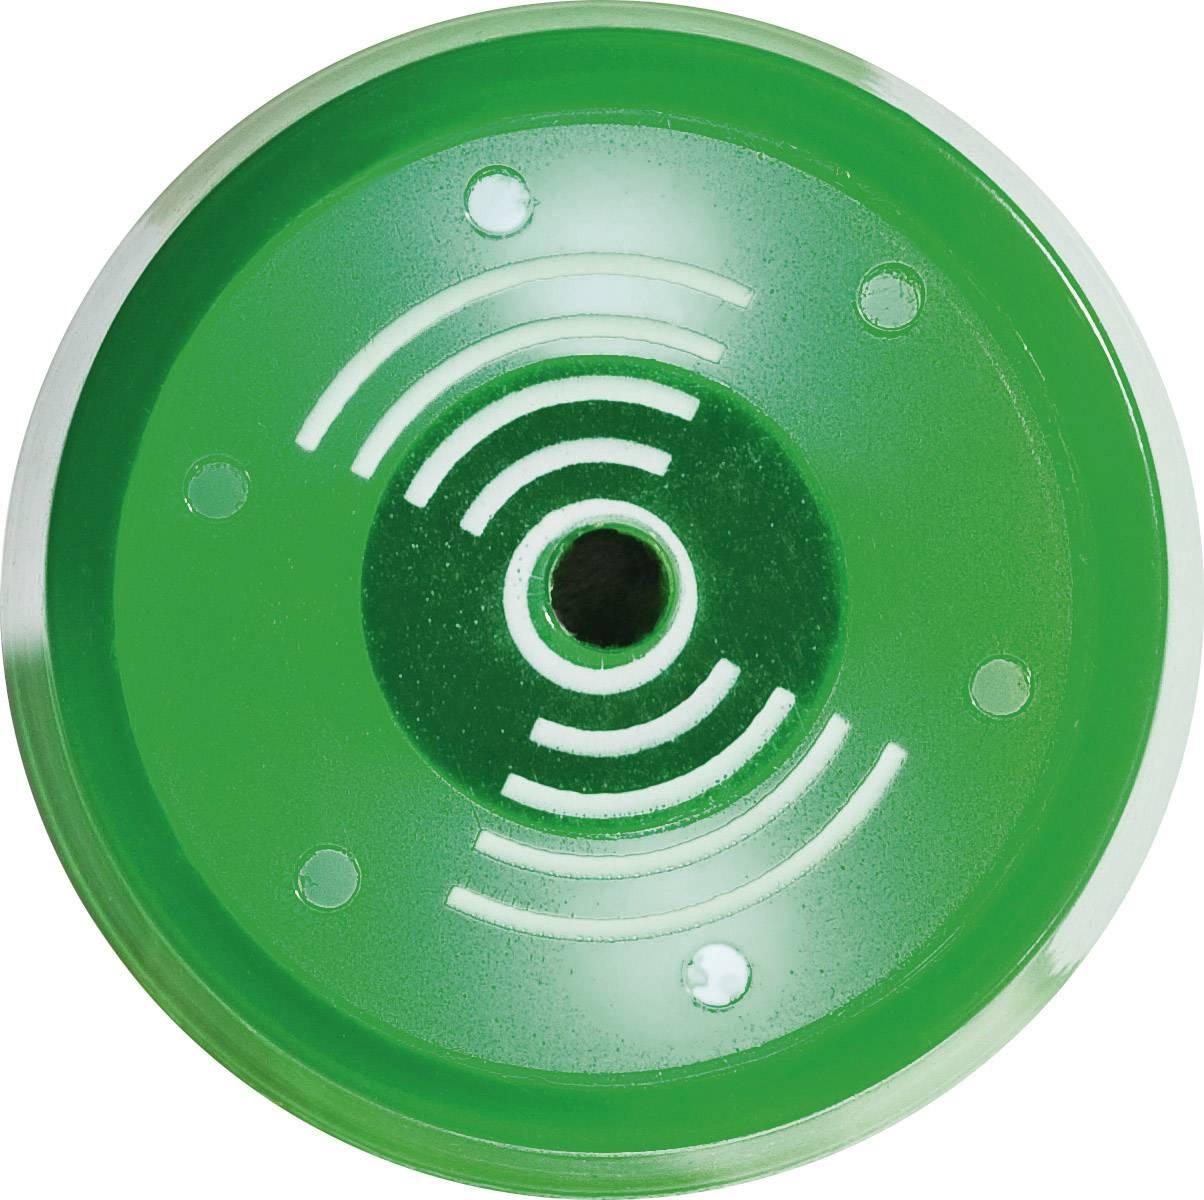 Sirénka / kontrolka, 80 dB 24 V / DC, modrá